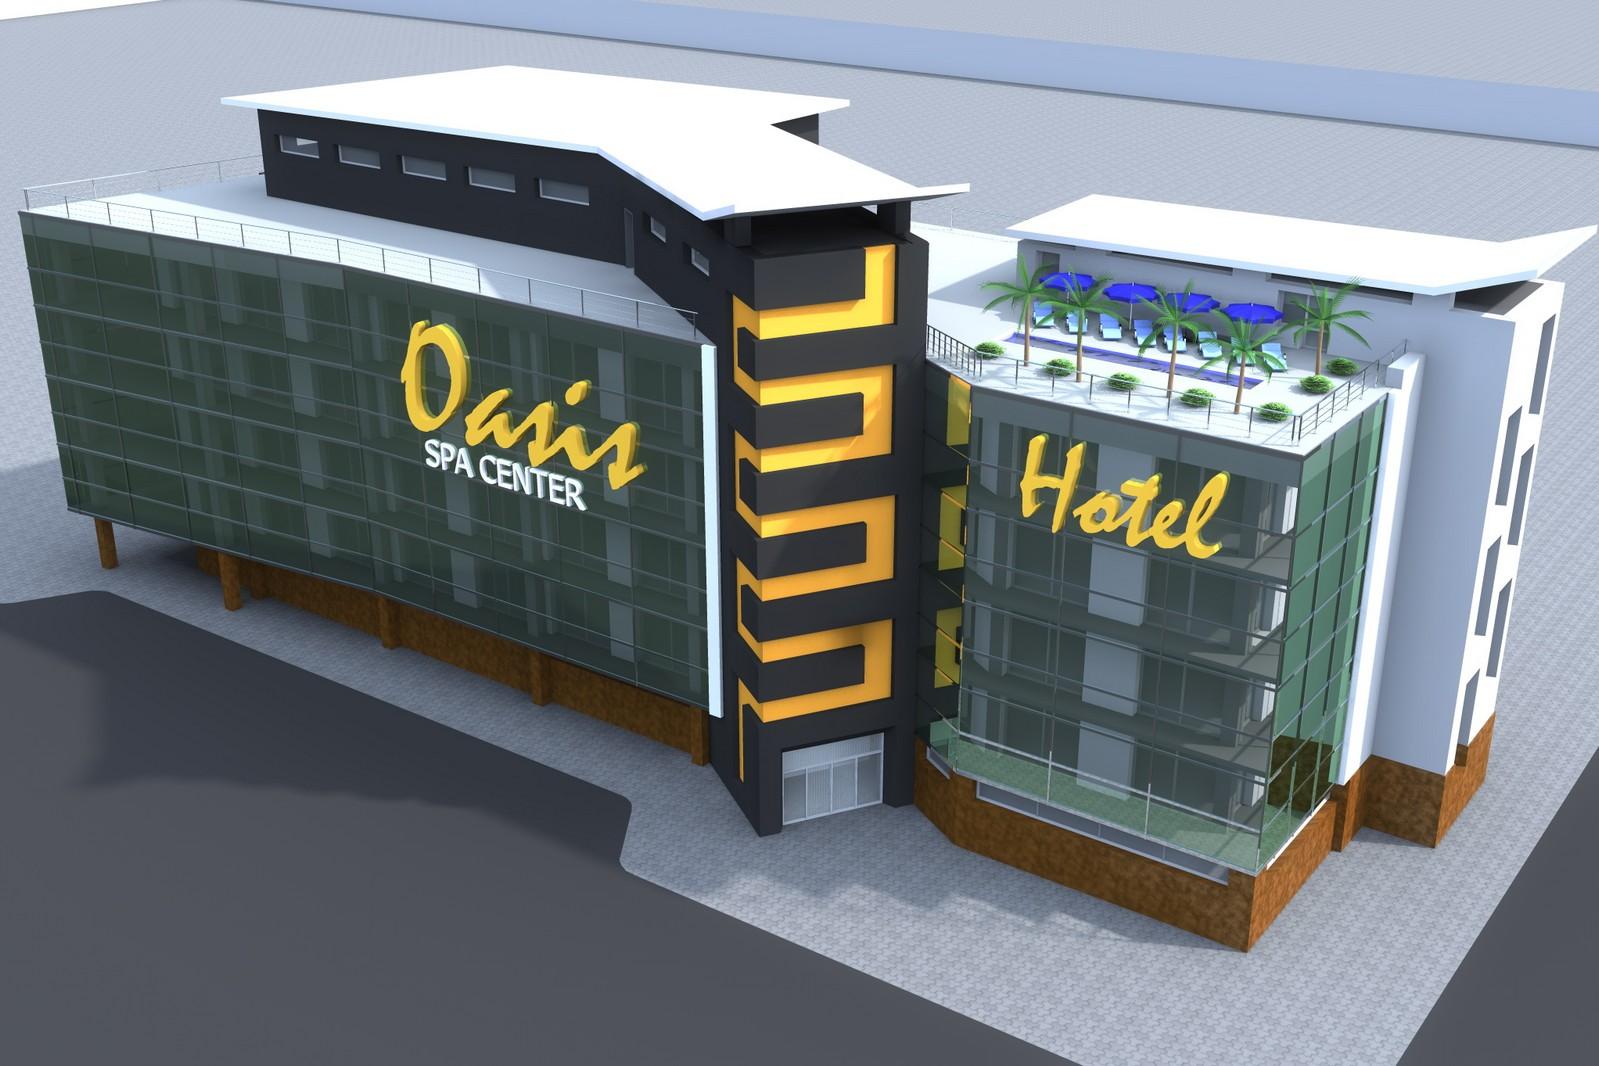 Hotel & Spa center